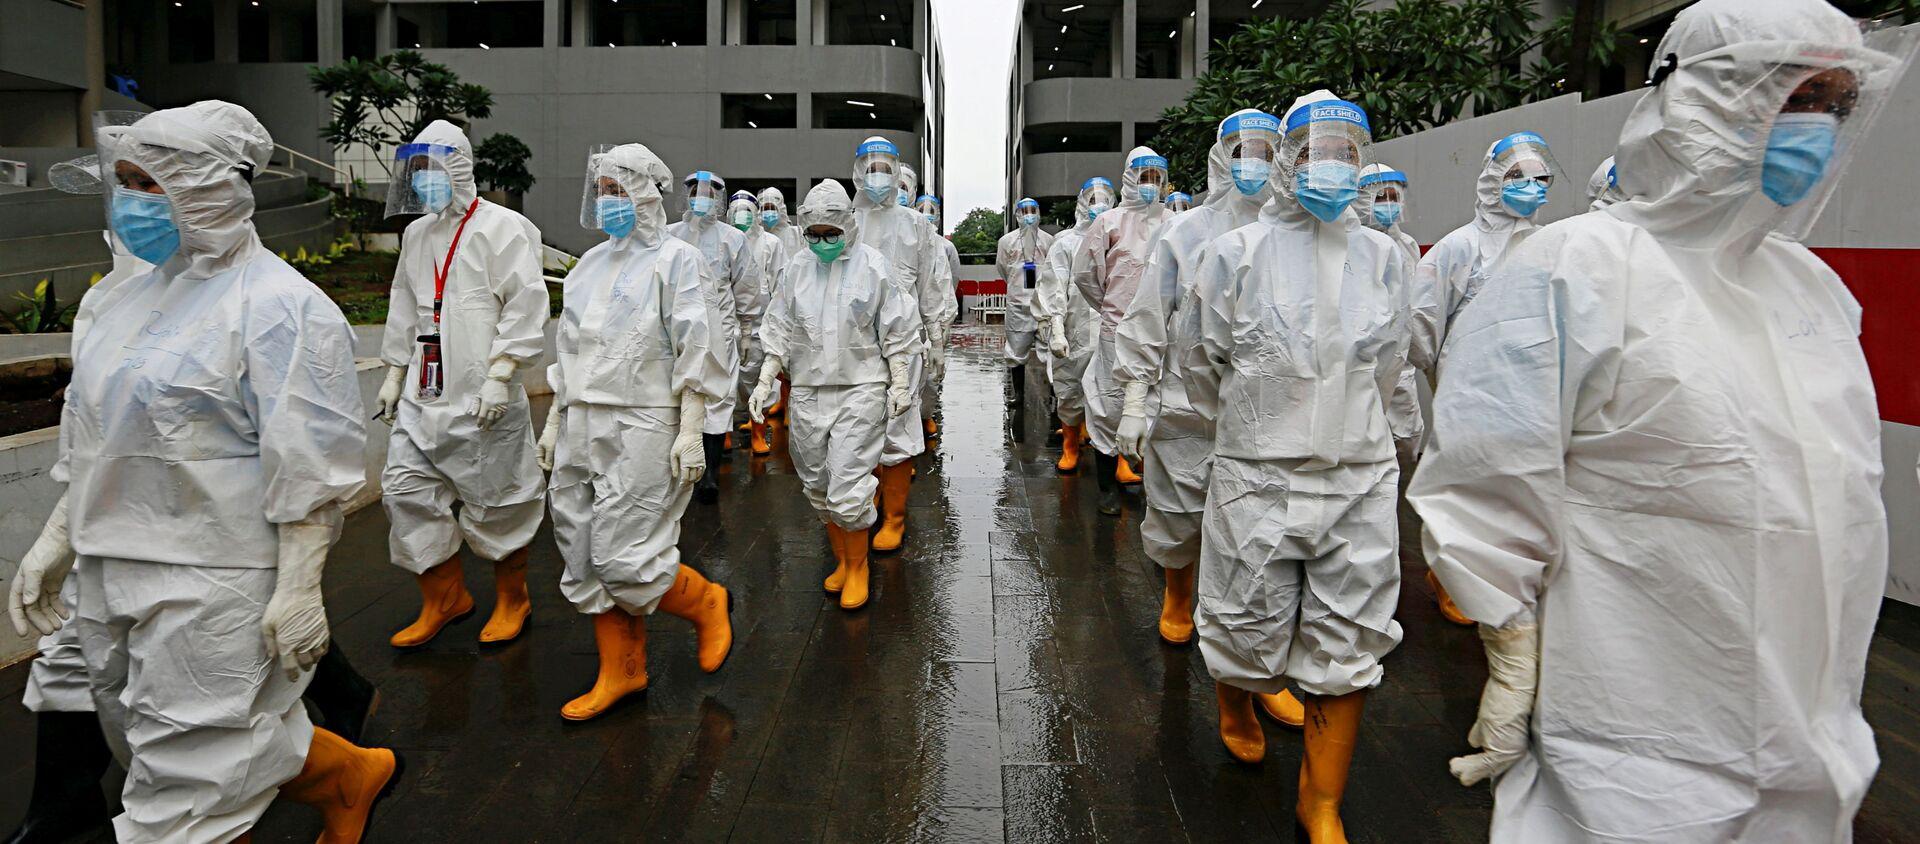 Медицинские работники в средствах индивидуальной защиты в Джакарте, Индонезия - Sputnik 日本, 1920, 22.02.2021